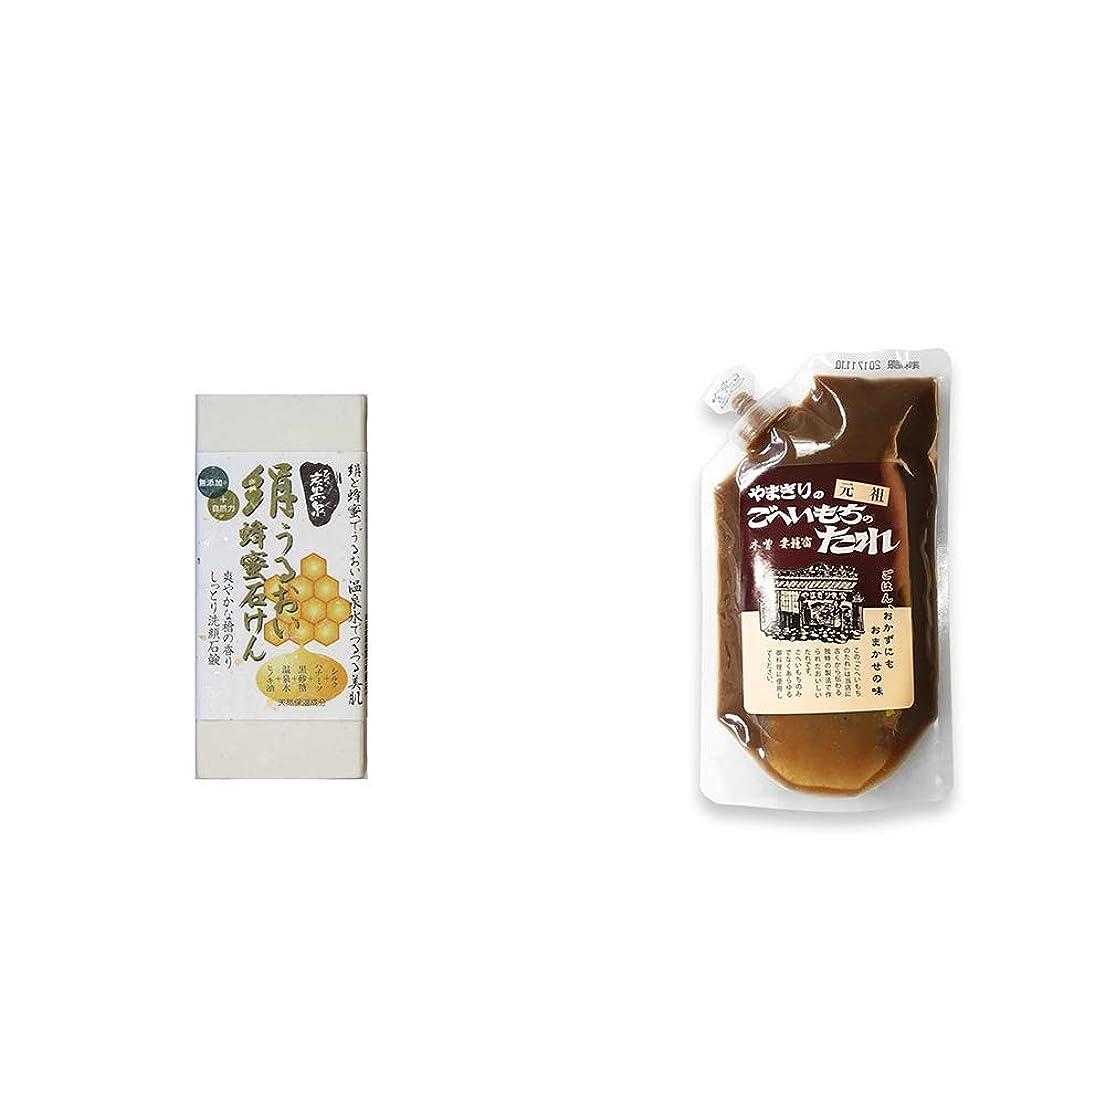 リットル興奮するコントローラ[2点セット] ひのき炭黒泉 絹うるおい蜂蜜石けん(75g×2)?妻籠宿 やまぎり食堂 ごへい餅のたれ(250g)